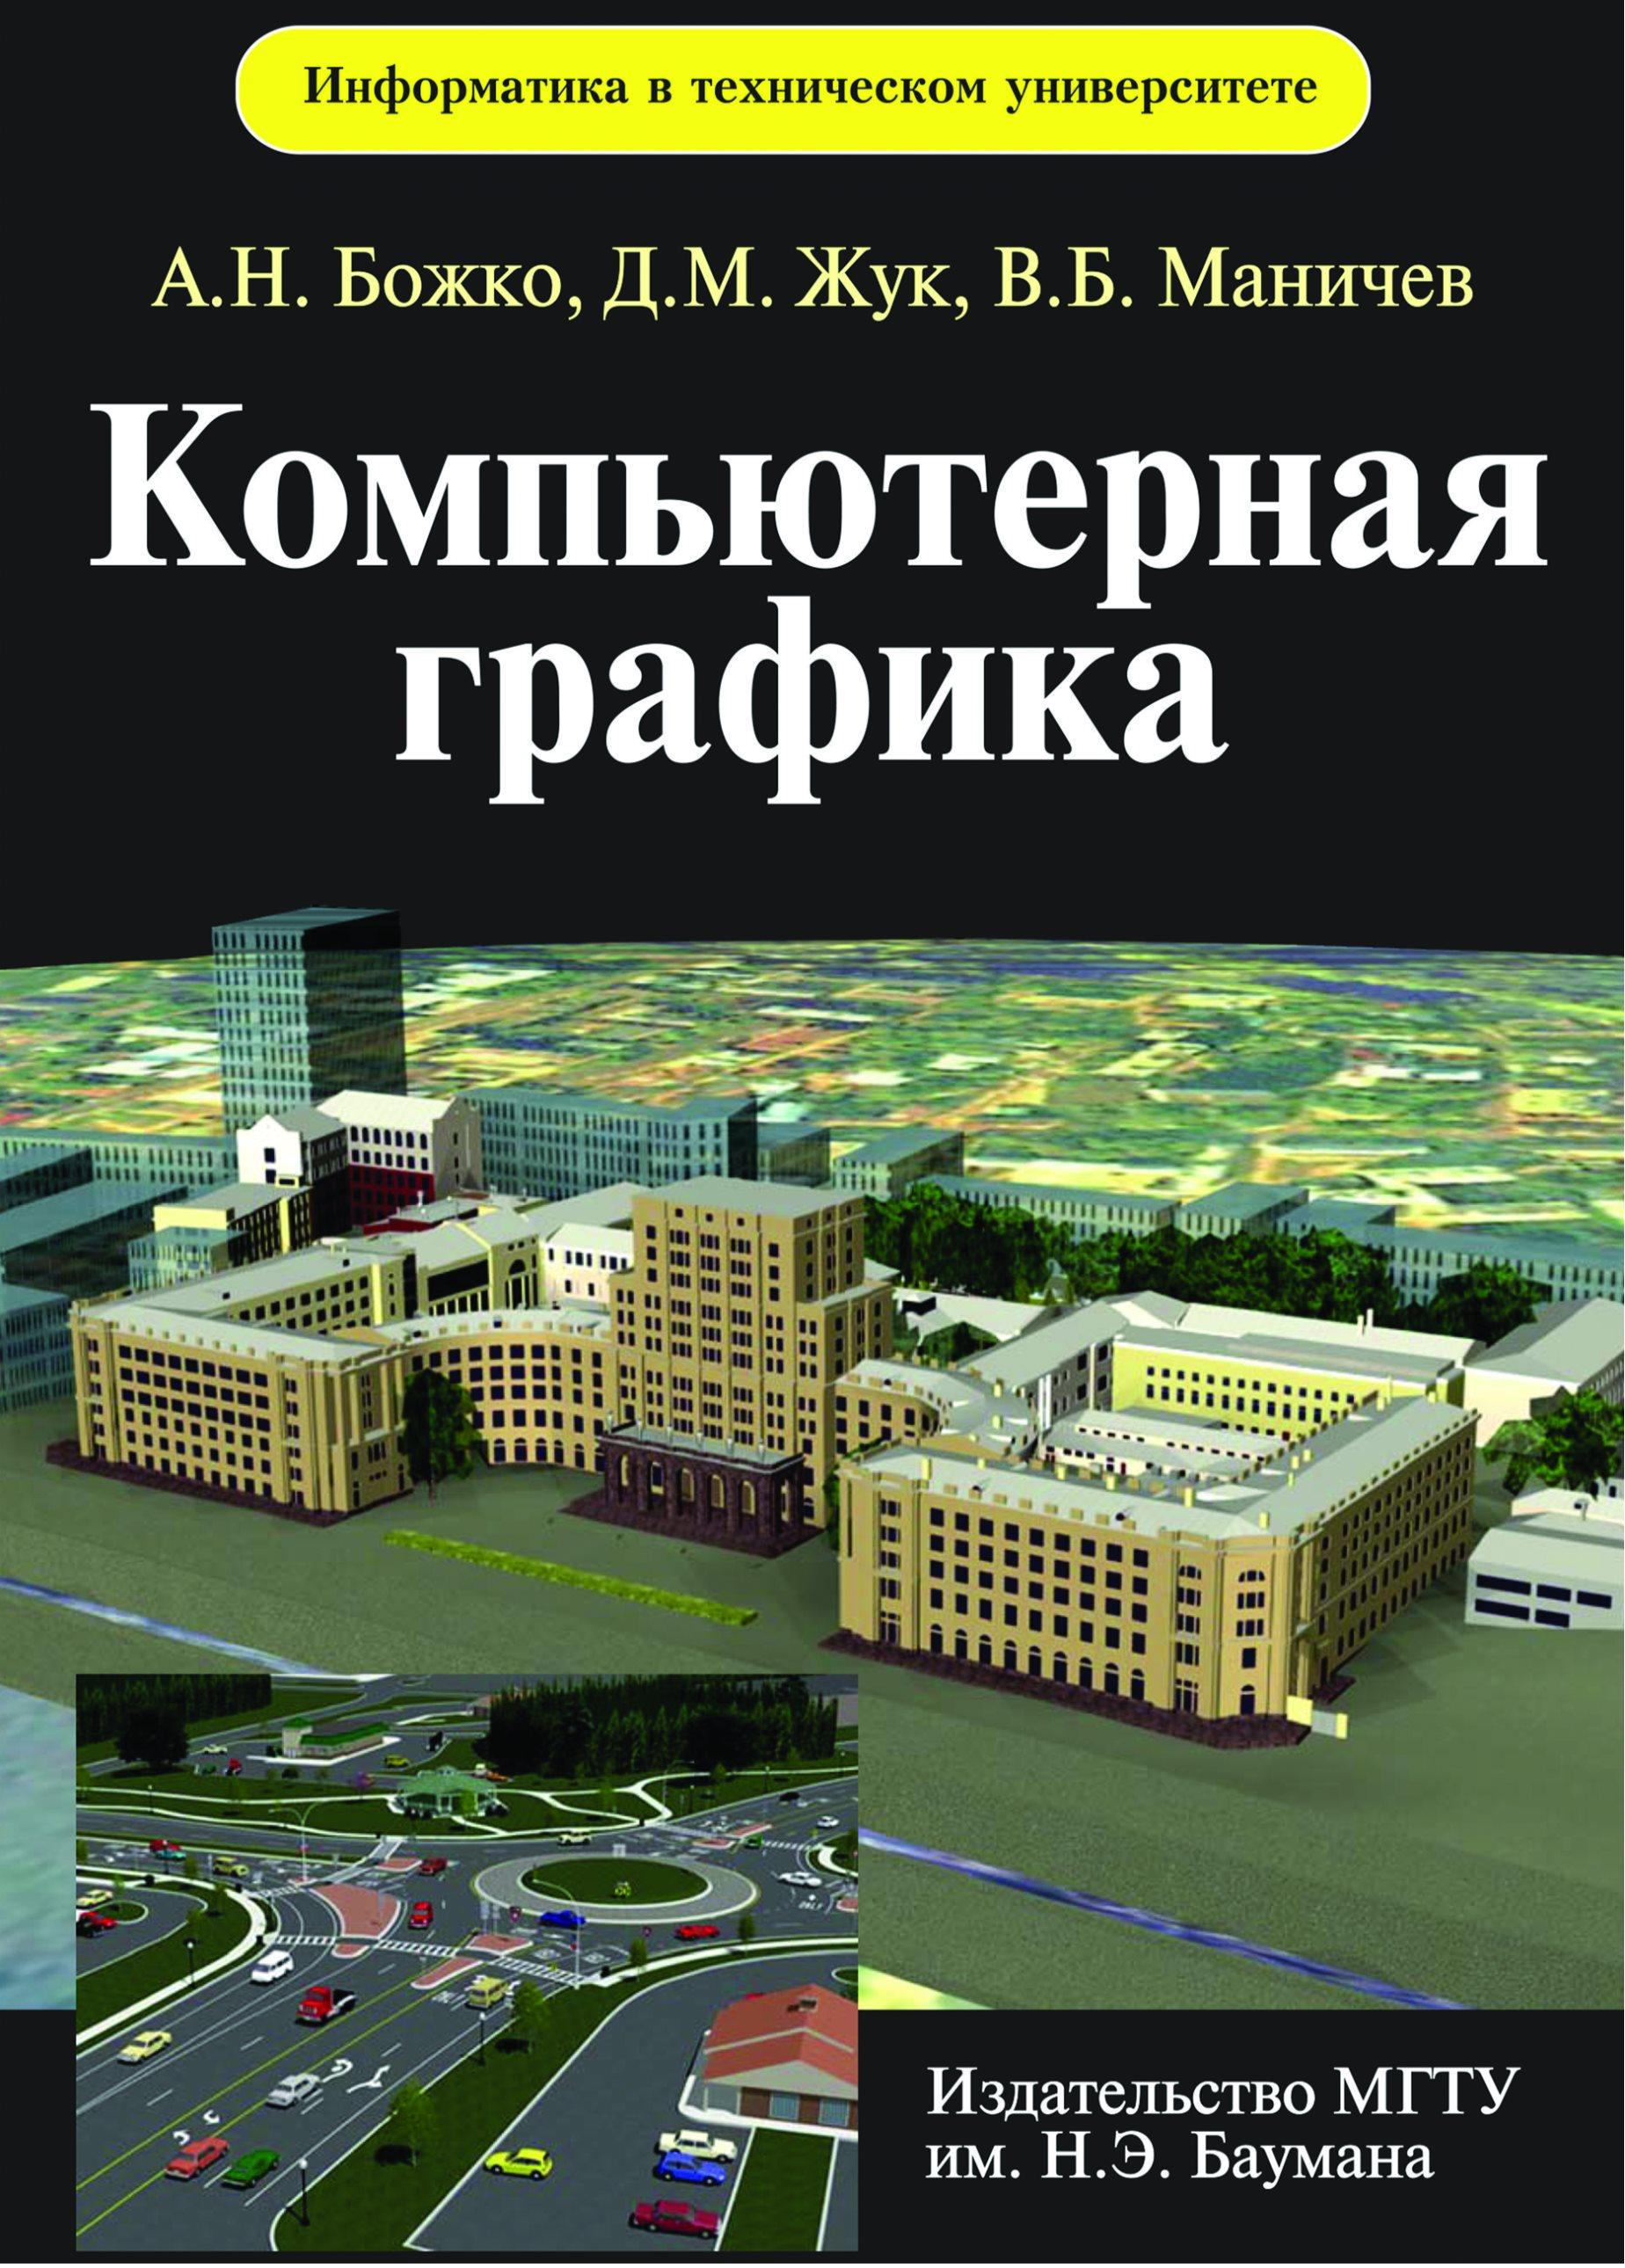 Аркадий Божко Компьютерная графика ефремов г в инженерная и компьютерная графика на базе графических систем